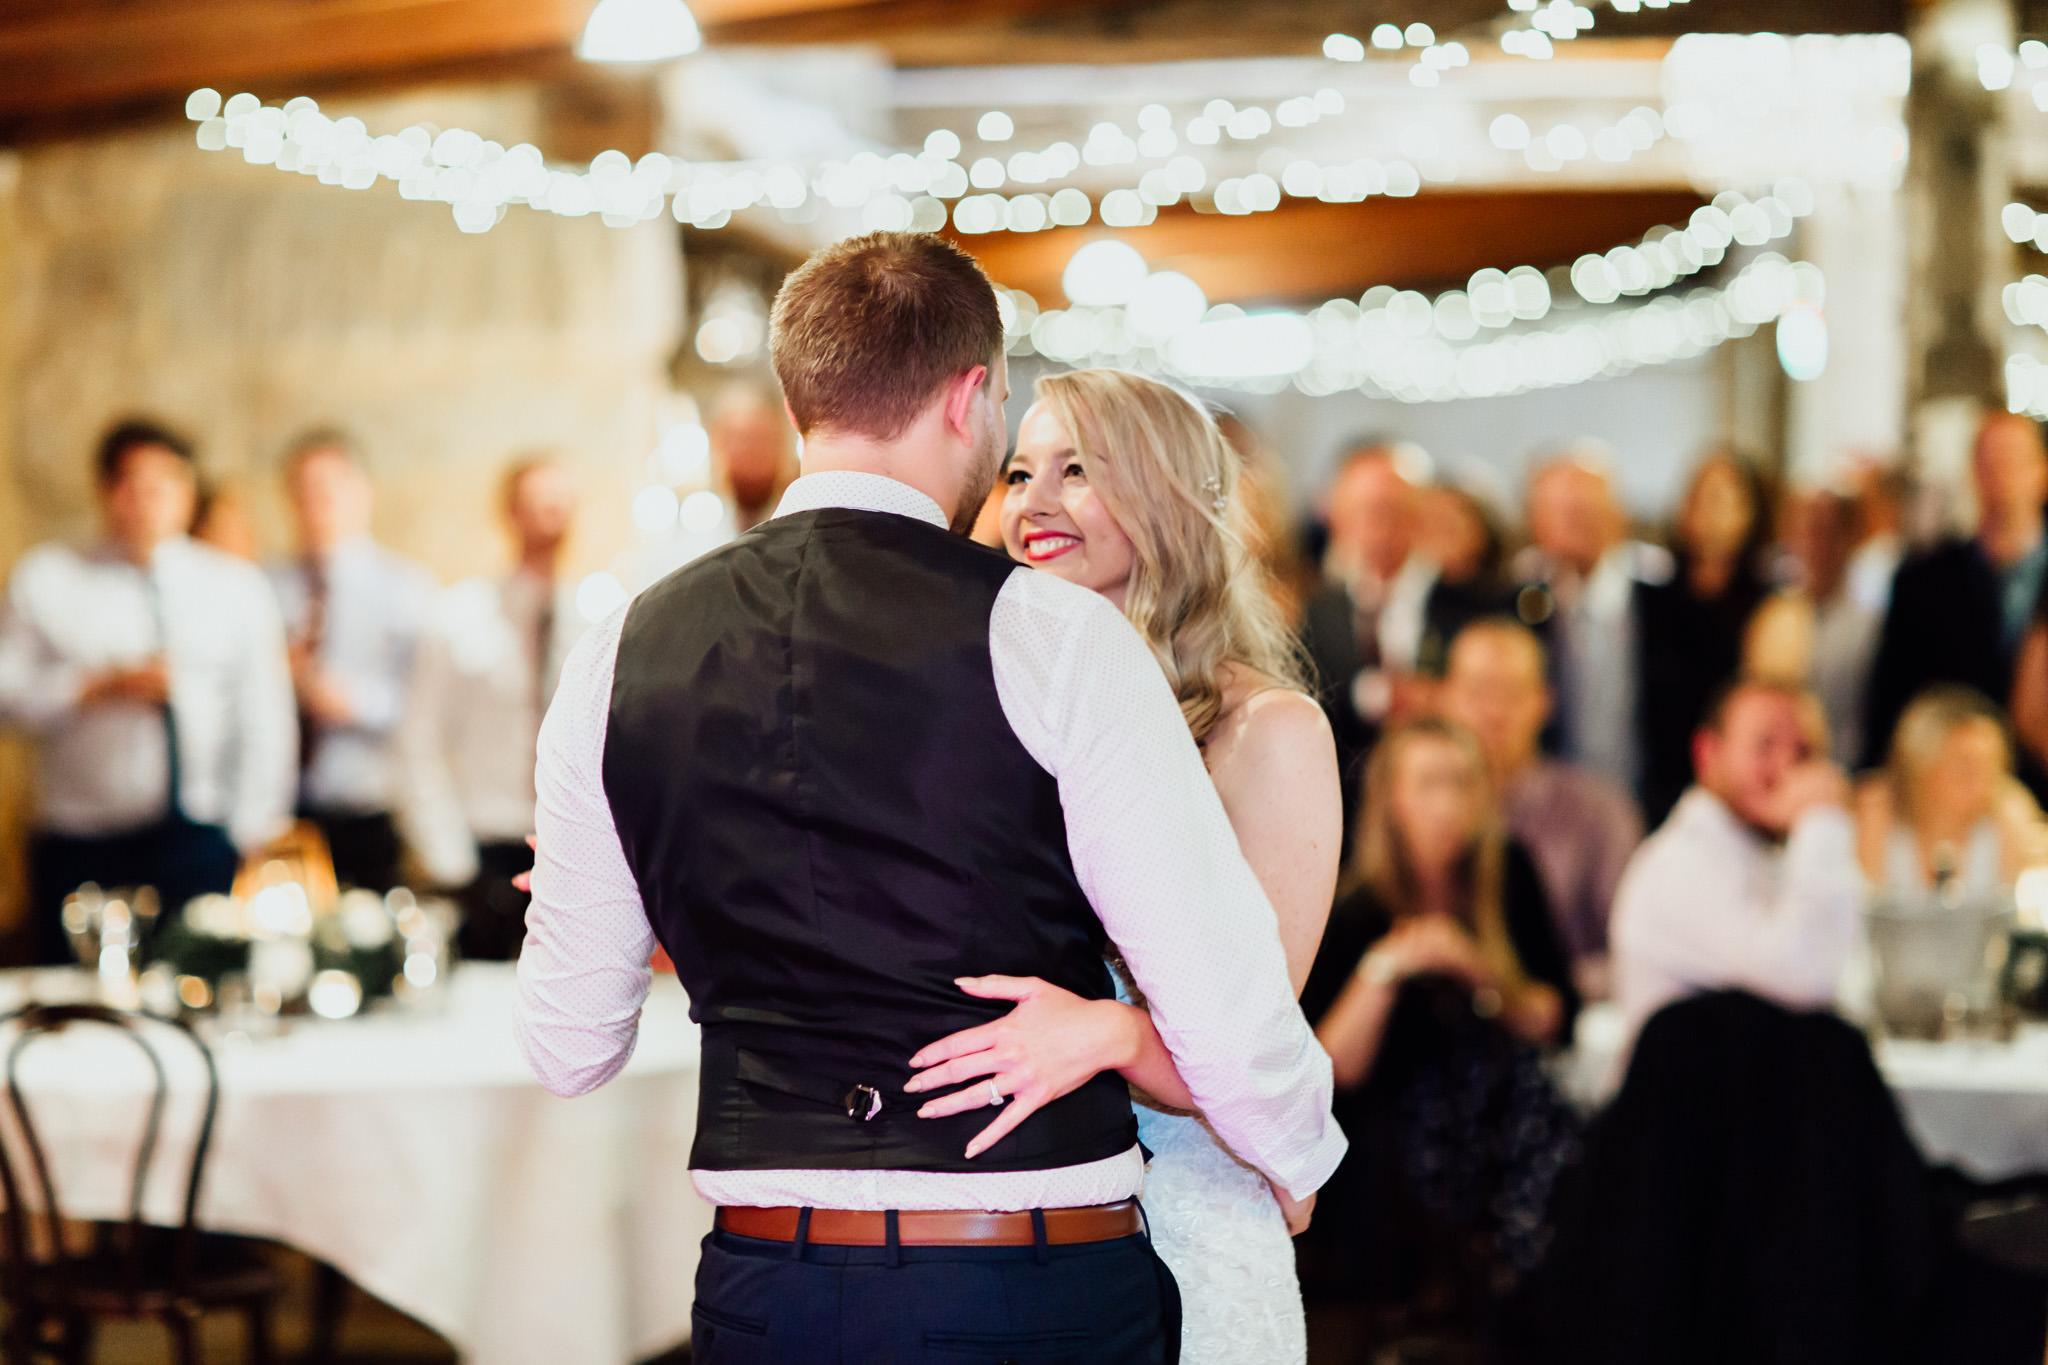 WeddingPhotos_Facebook_2048pixels-1155.jpg